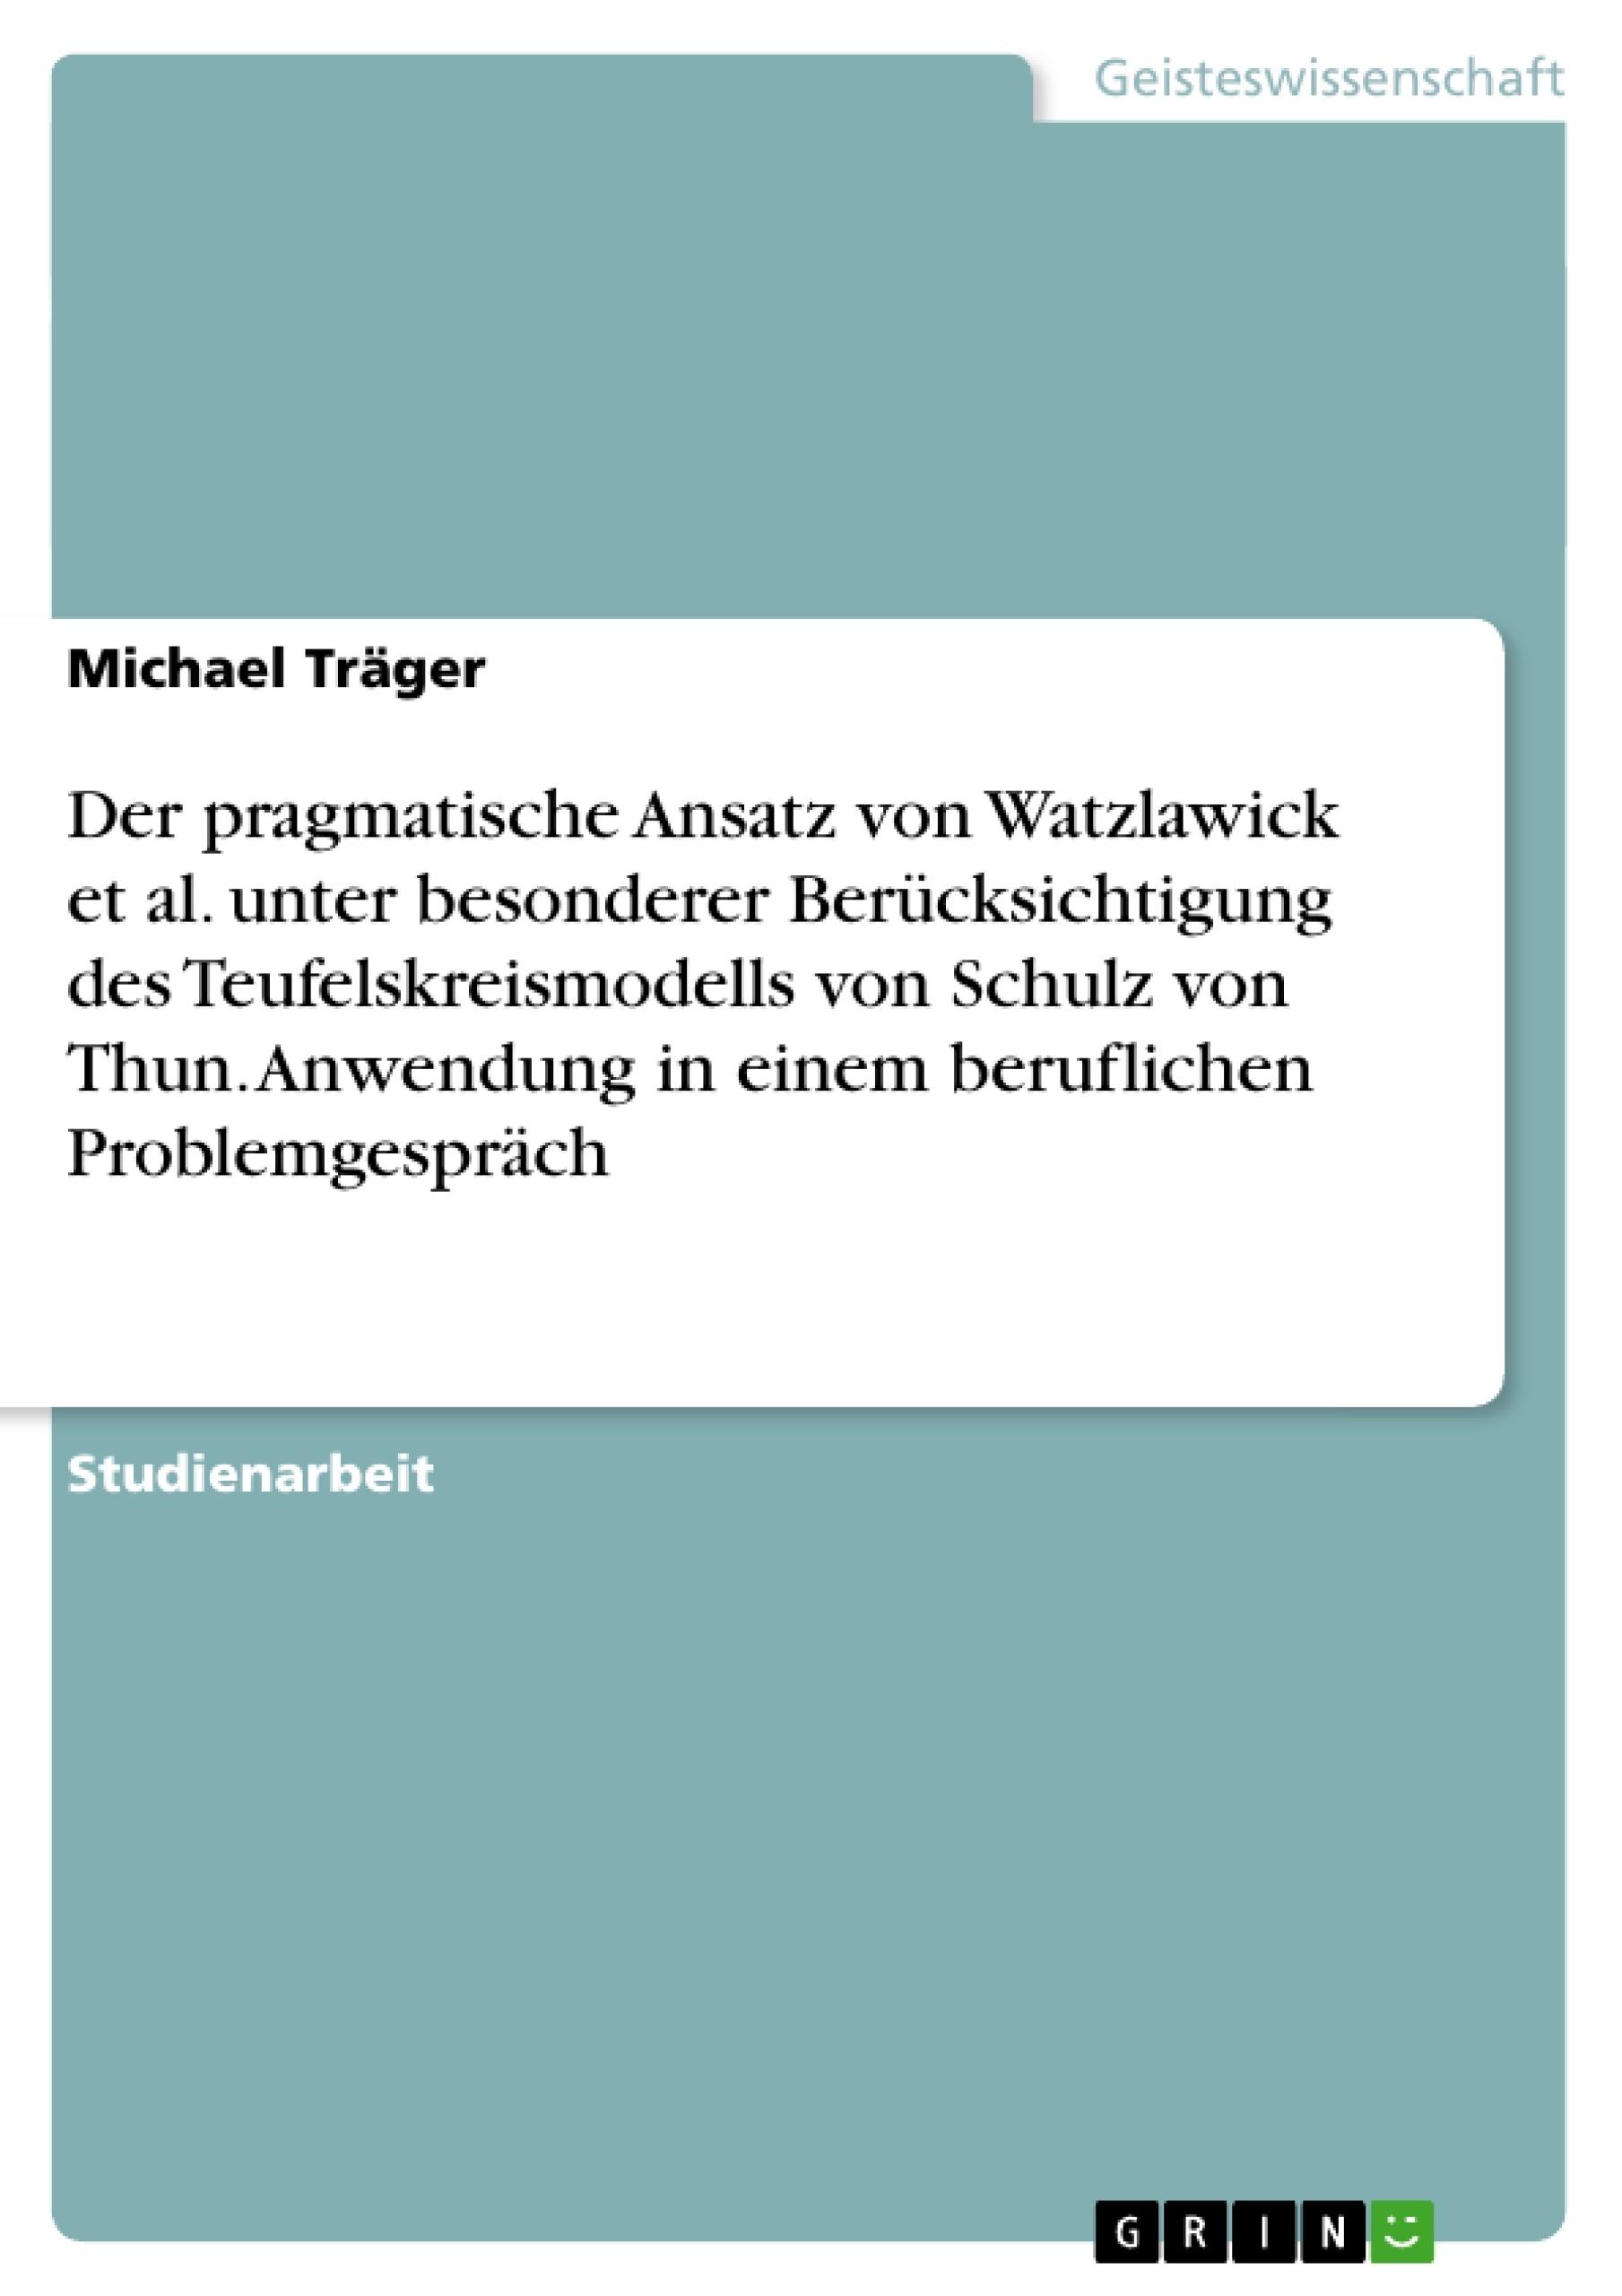 Titel: Der pragmatische Ansatz von Watzlawick et al. unter besonderer Berücksichtigung des Teufelskreismodells von Schulz von Thun. Anwendung in einem beruflichen Problemgespräch